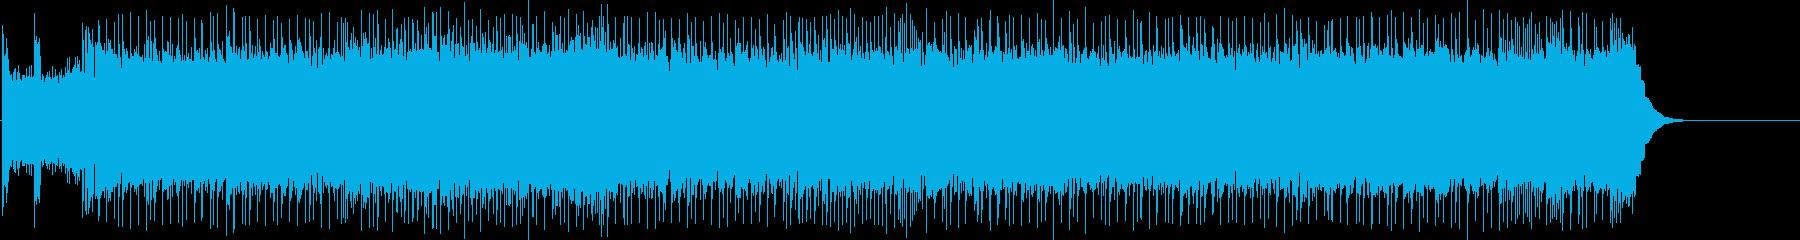 激しいロックで疾走する「熊蜂の飛行」の再生済みの波形